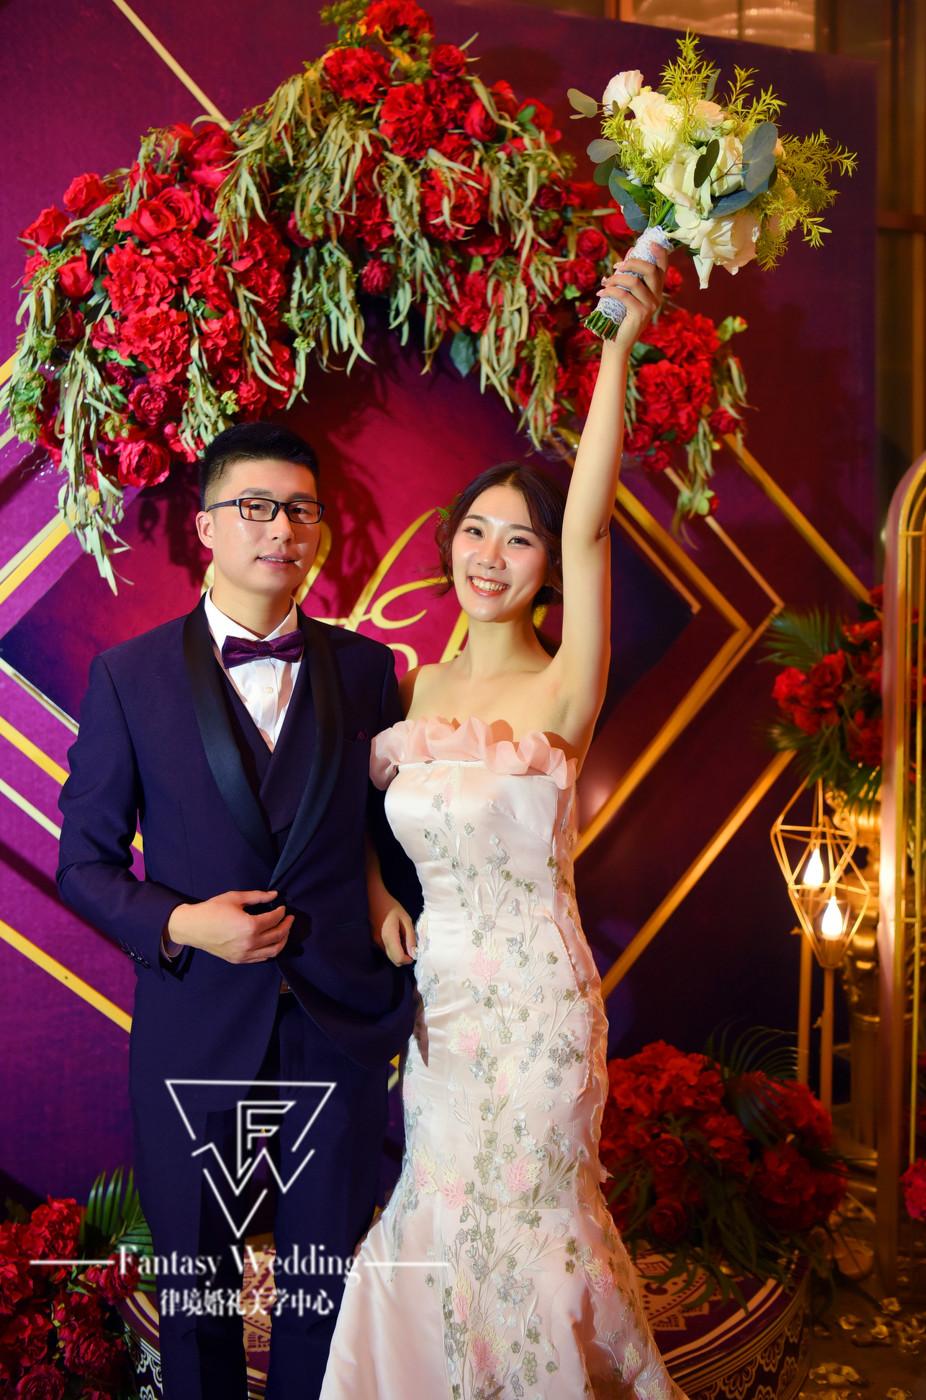 「律境婚礼」 胡萝卜& 方莱婚礼19